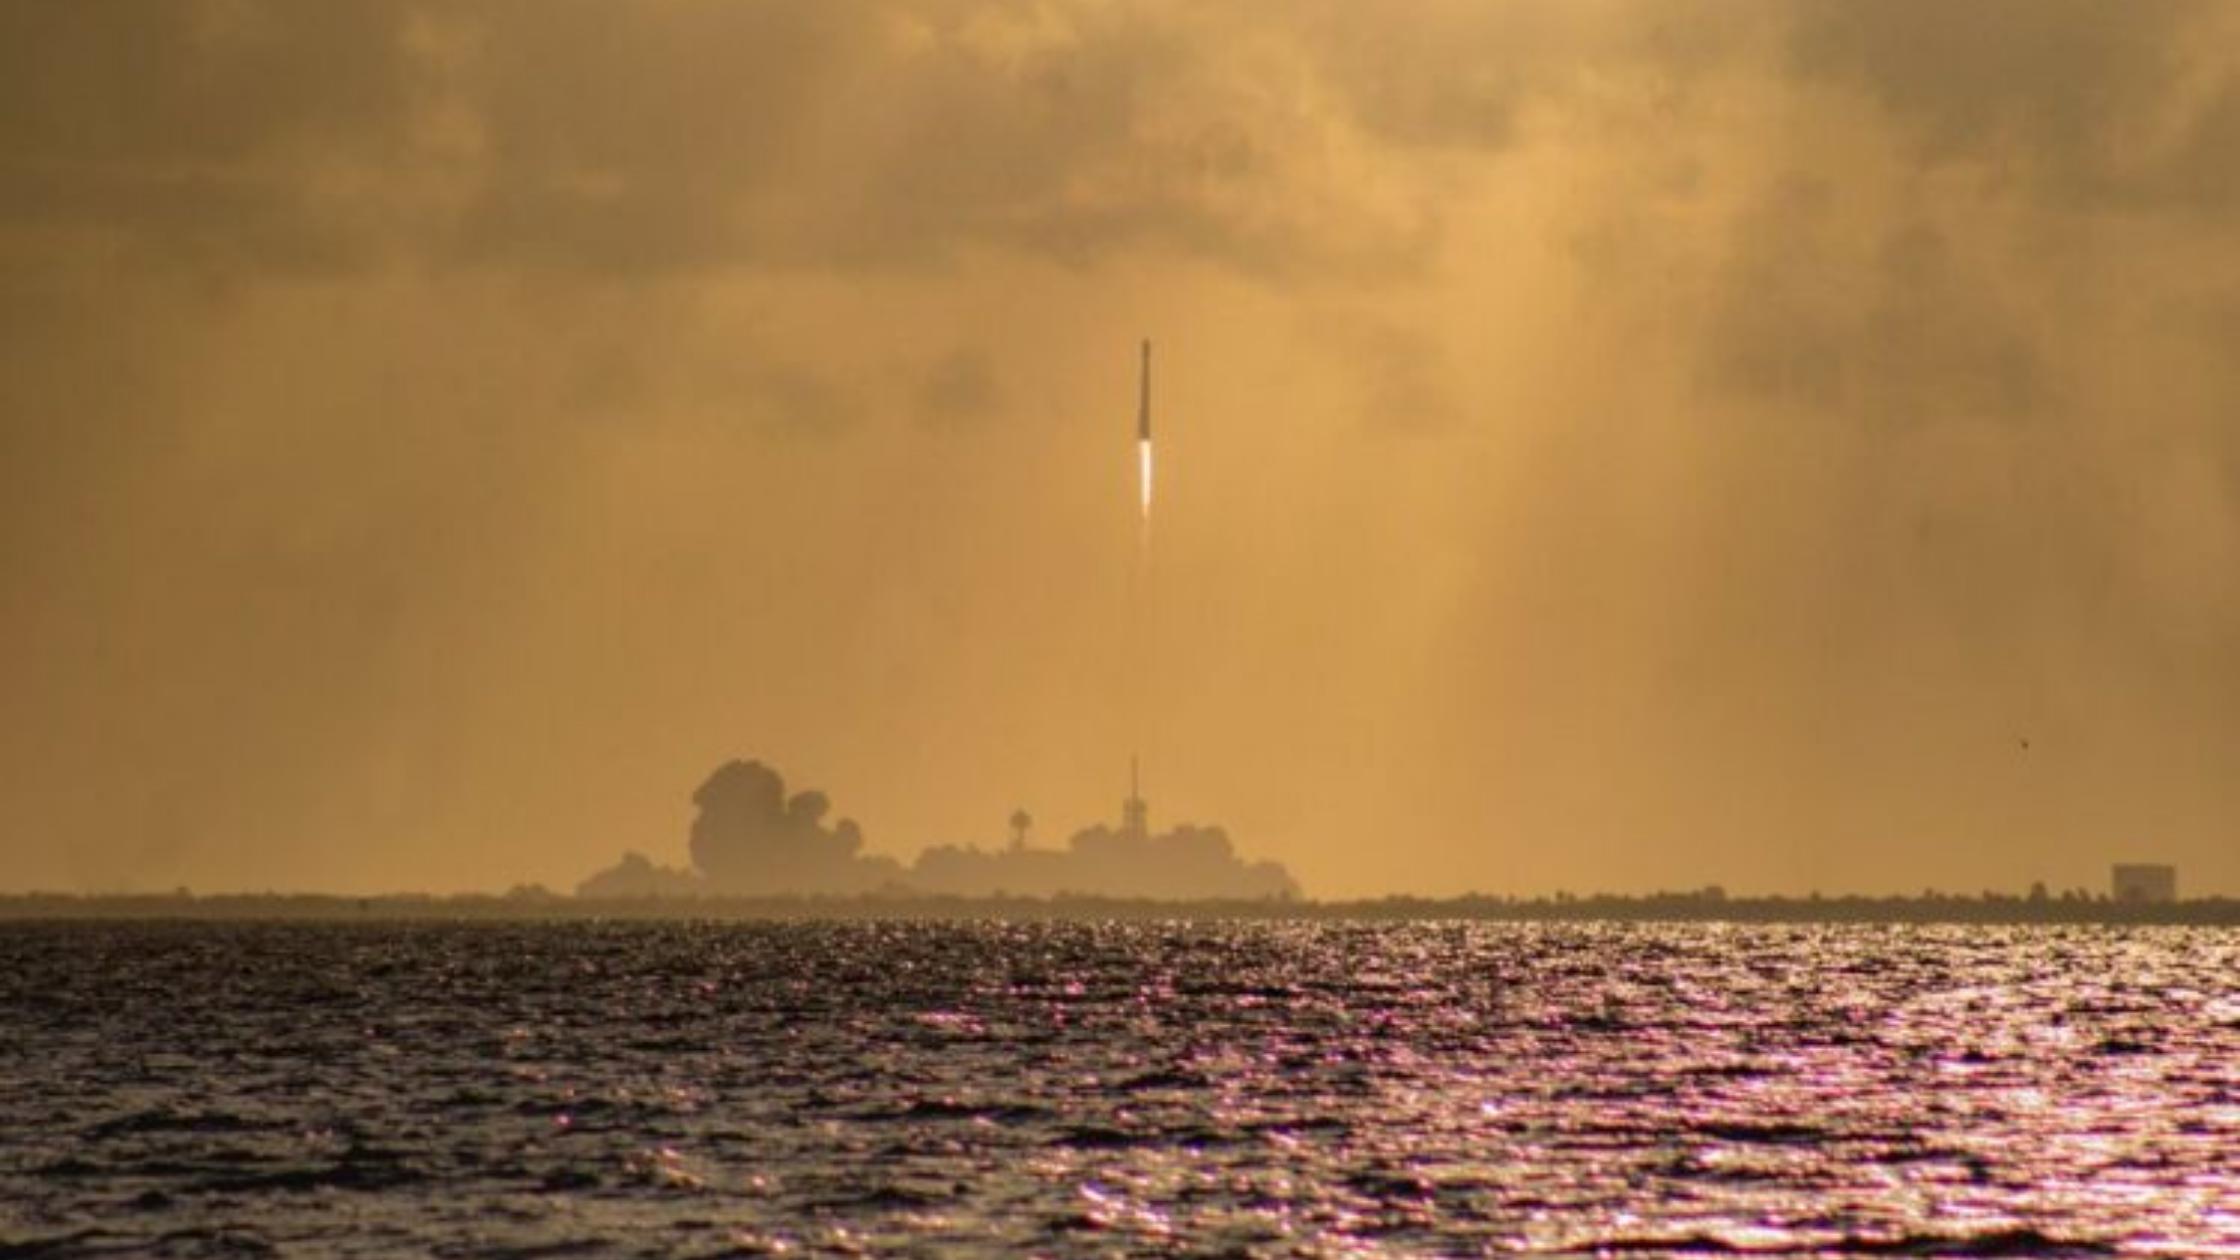 Pentagono e SpaceX valutano l'utilizzo di razzi cargo per la spedizione di merci a livello globale